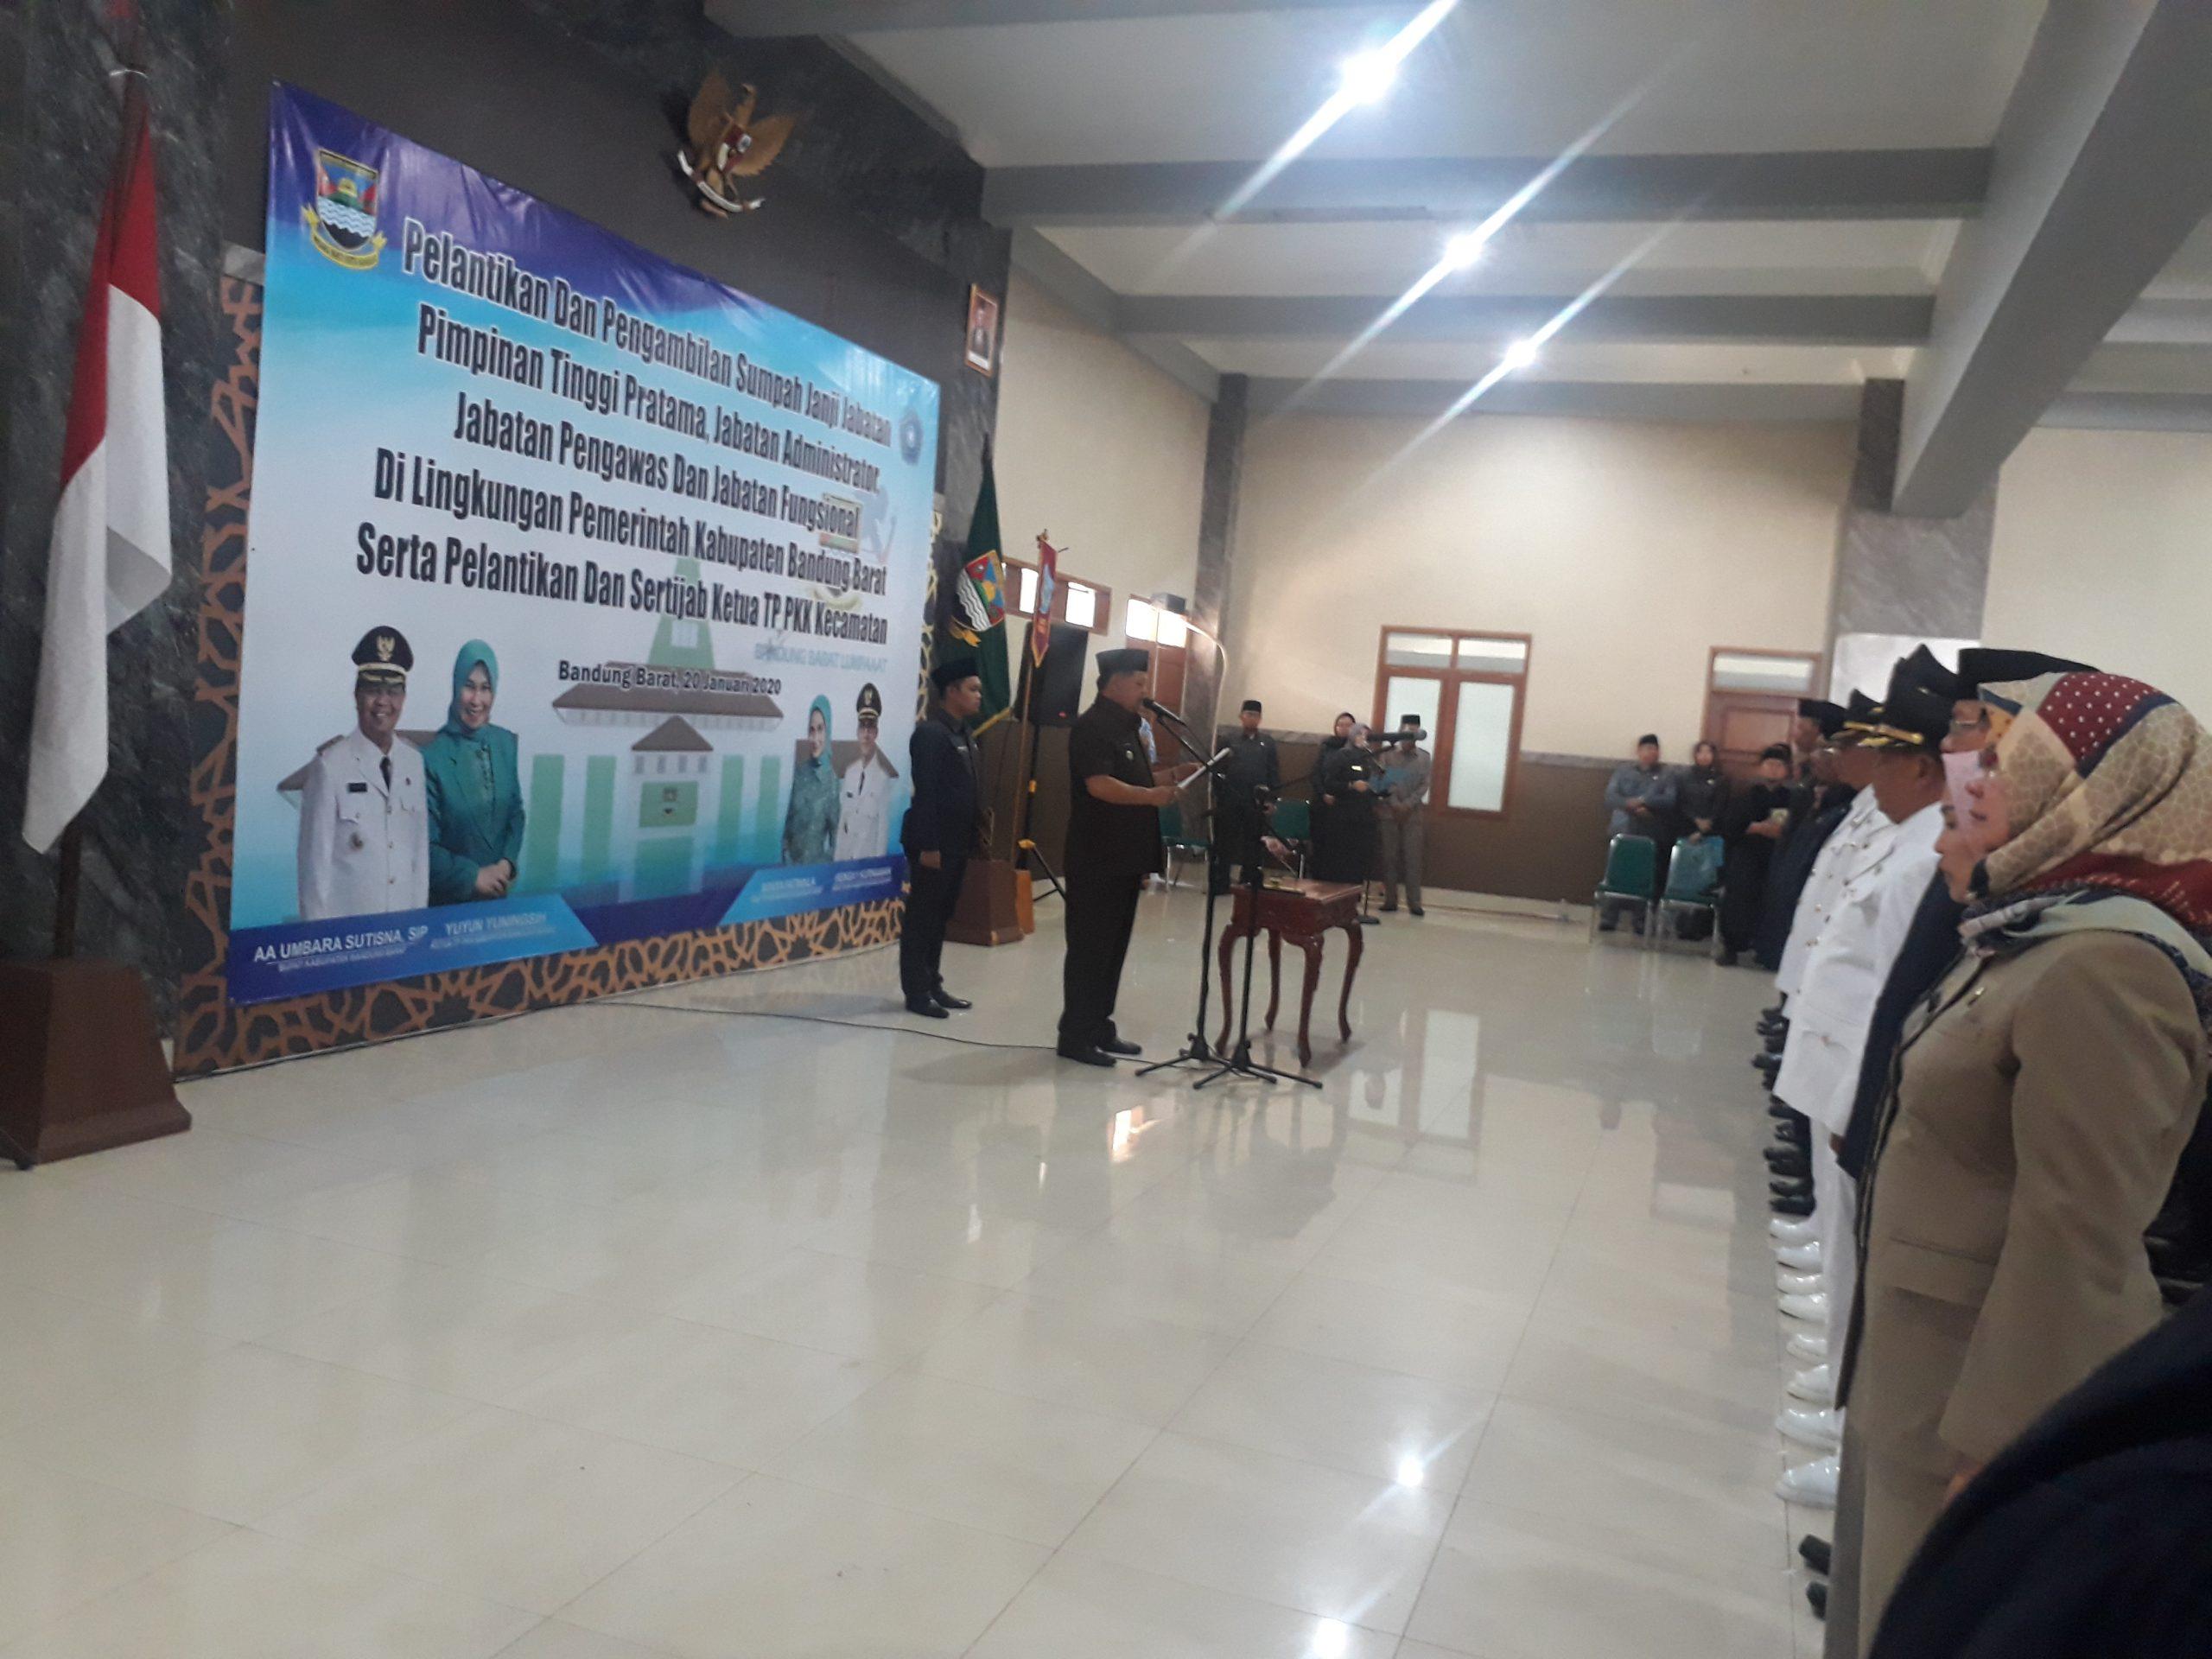 Bupati Bandung Barat, Aa Umbara Sutisna melantik 144 orang pejabat di Lingkungan Pemerintah Kabupaten (Pemkab) Bandung Barat, Senin (20/1/2020).